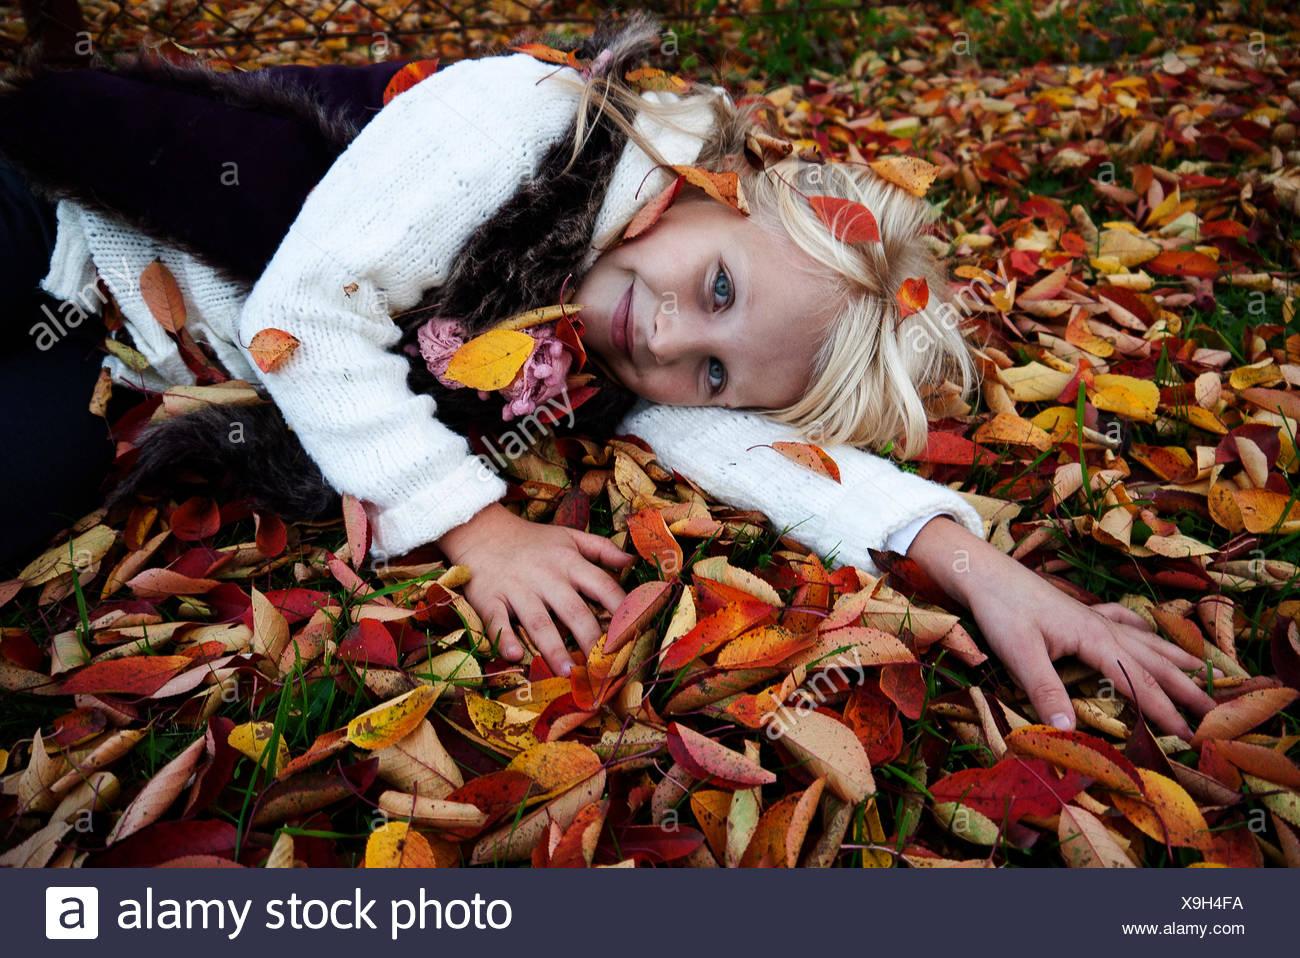 Chica (6-7) tumbado sobre hojas de otoño Imagen De Stock